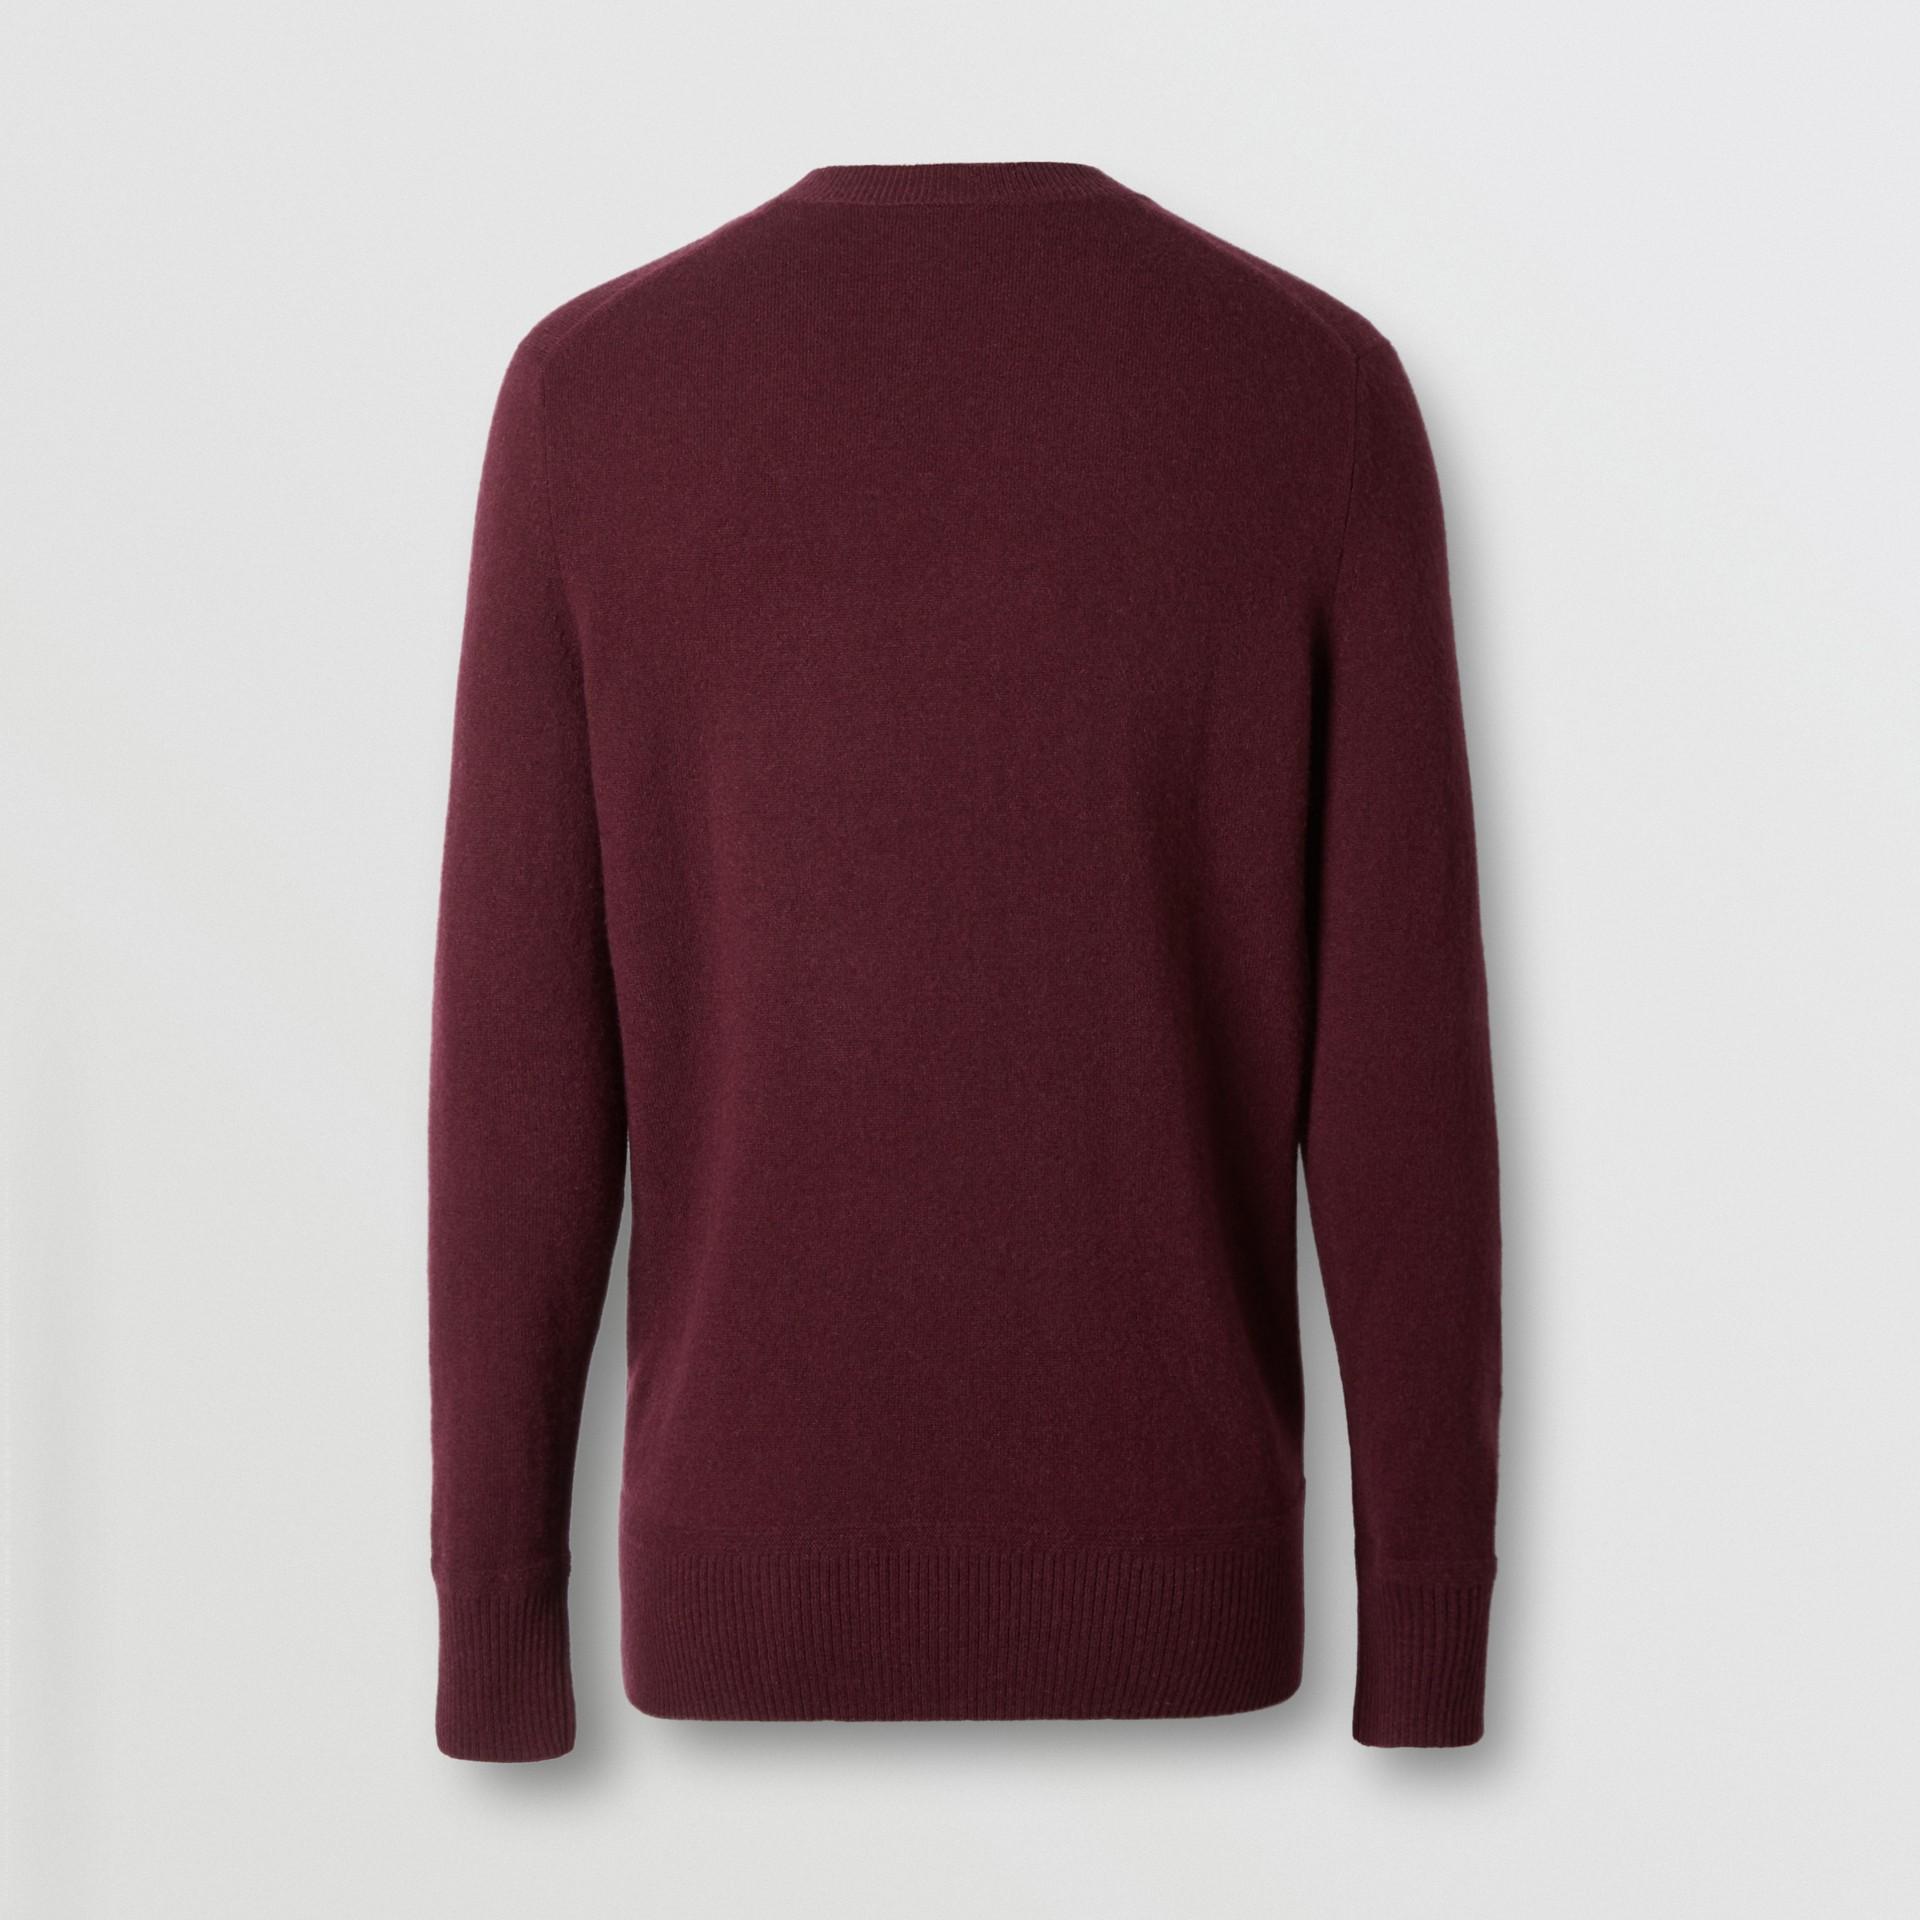 모노그램 모티프 캐시미어 스웨터 (버건디) - 남성 | Burberry - 갤러리 이미지 5